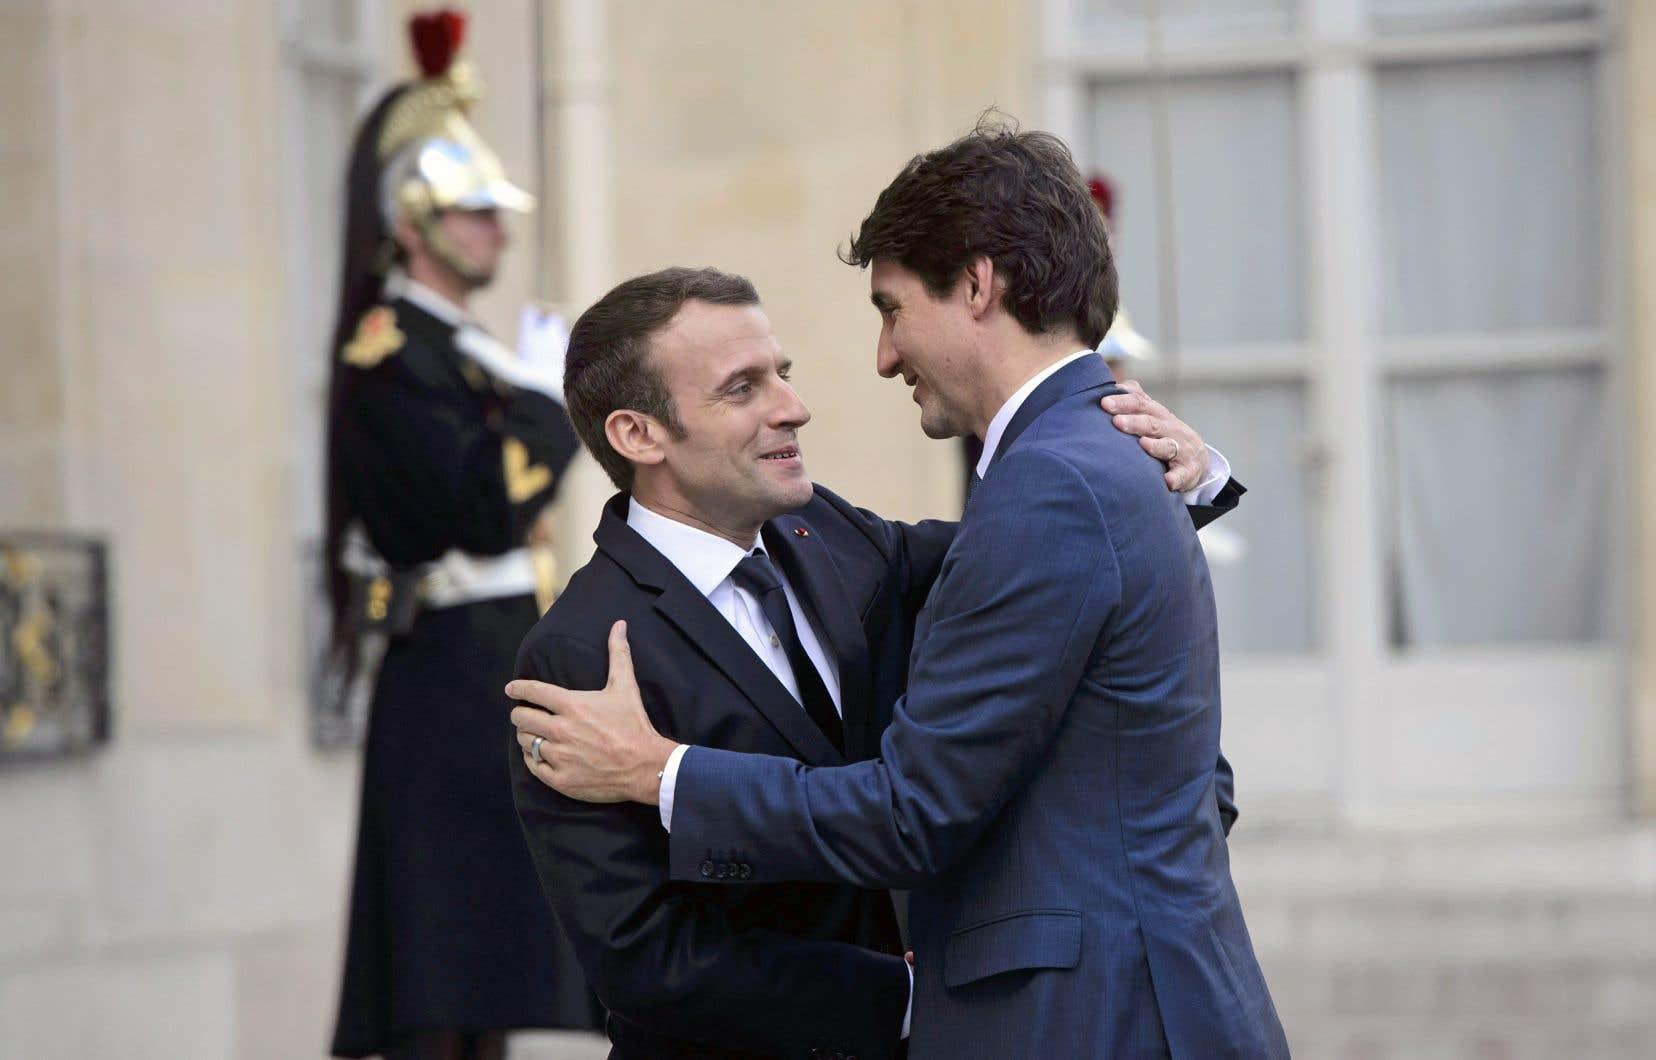 Le président français, Emmanuel Macron, a reçu le premier ministre canadien, Justin Trudeau, avec tous les égards possibles lundi, au palais de l'Élysée.